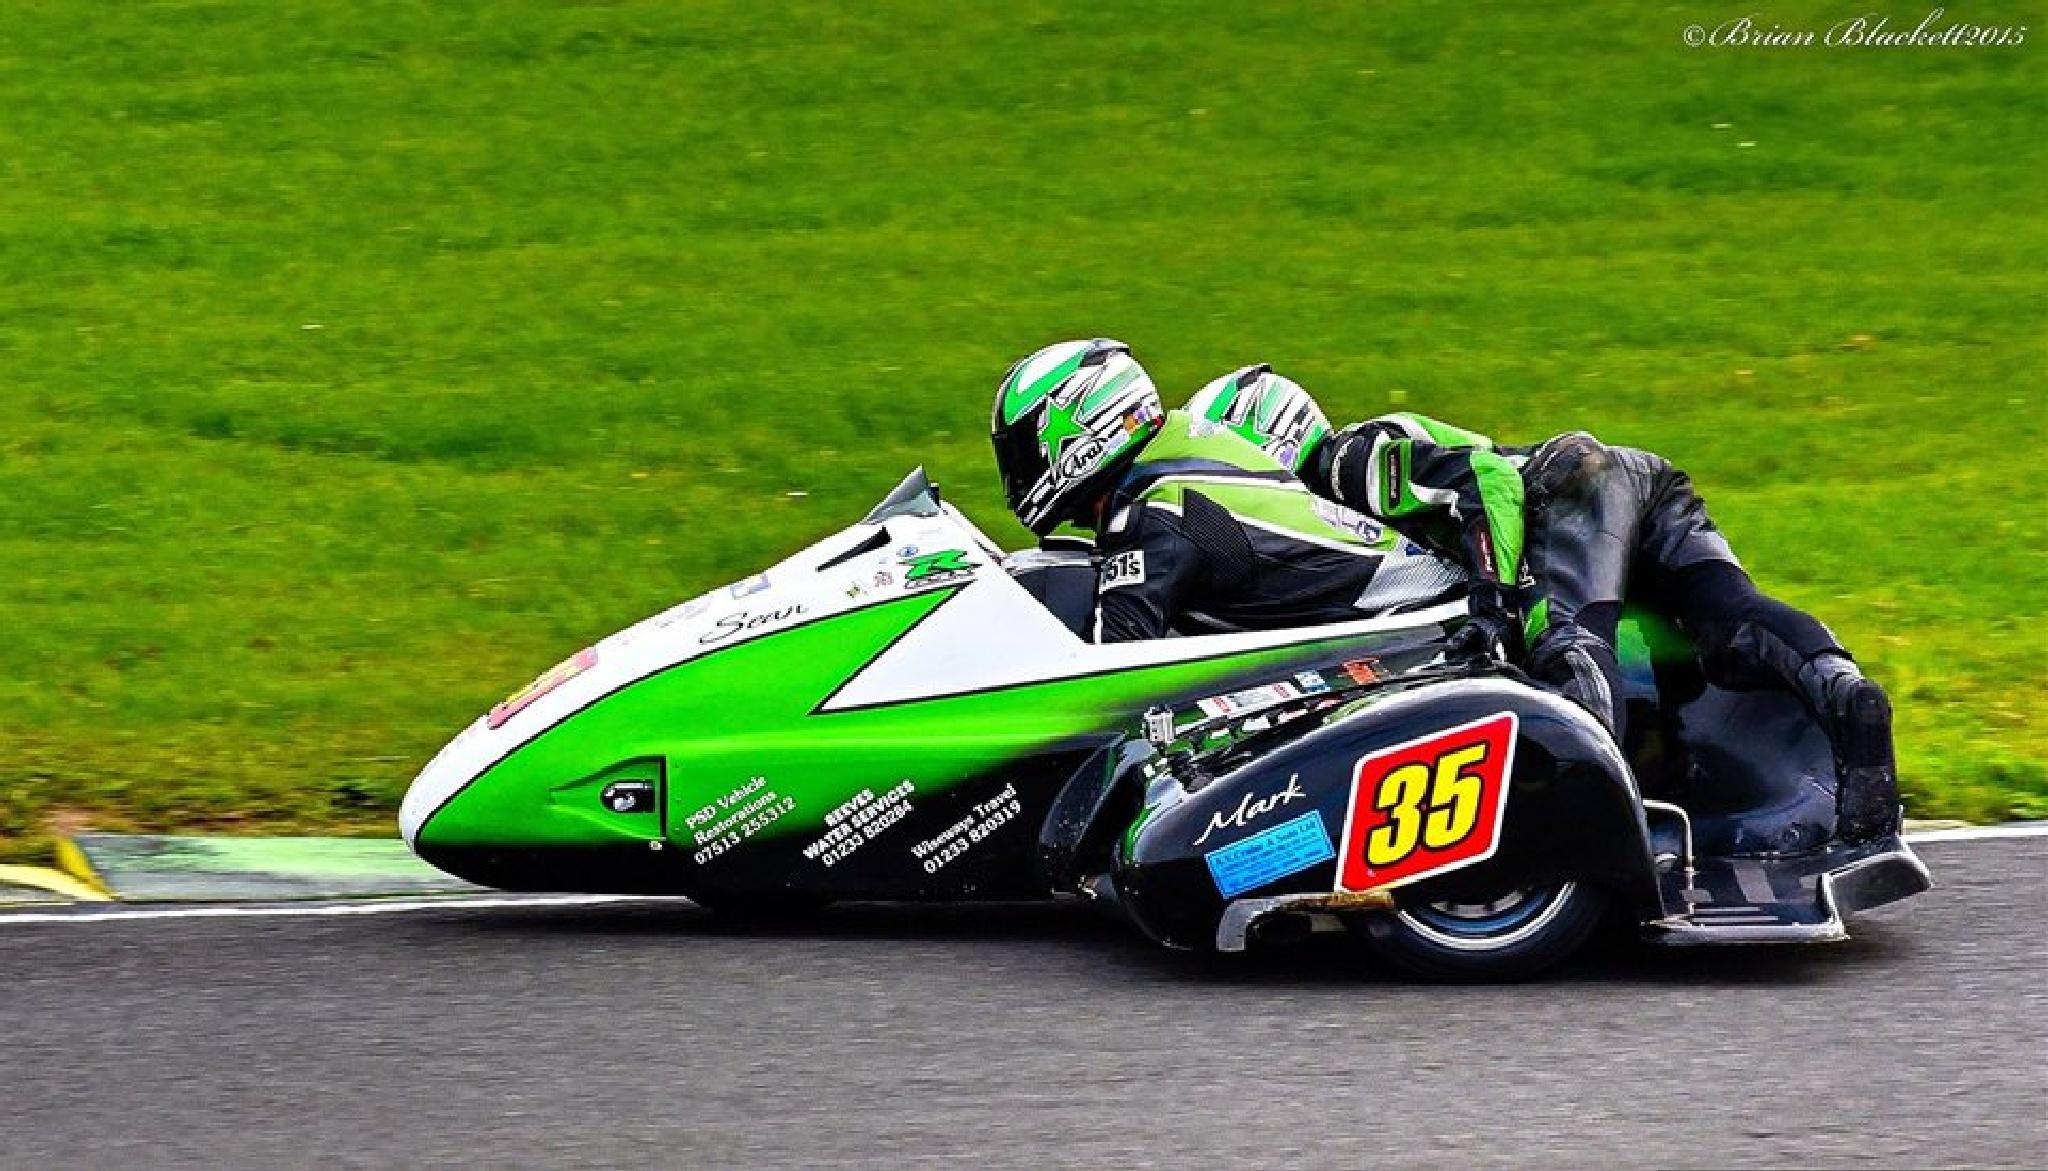 Sean Reeves/ Mark Wilkes LCR Suzuki Brithish F2 Sidecar Championships Croft 2015 by brianblackett